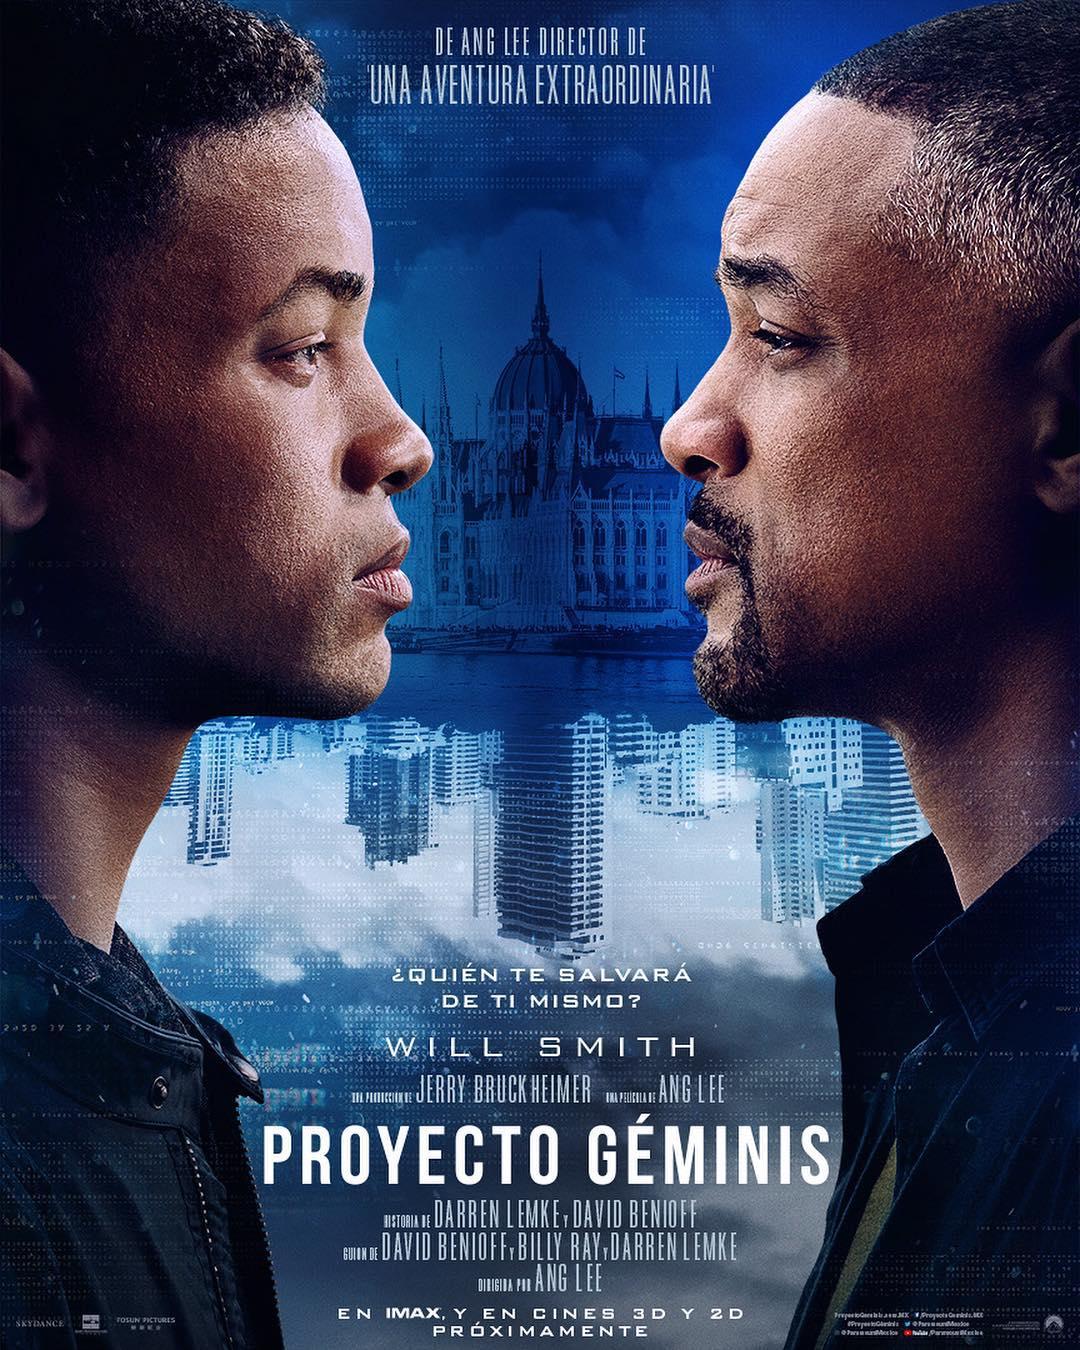 Proyecto Géminis se estrena en cines el 11 octubre, 2019